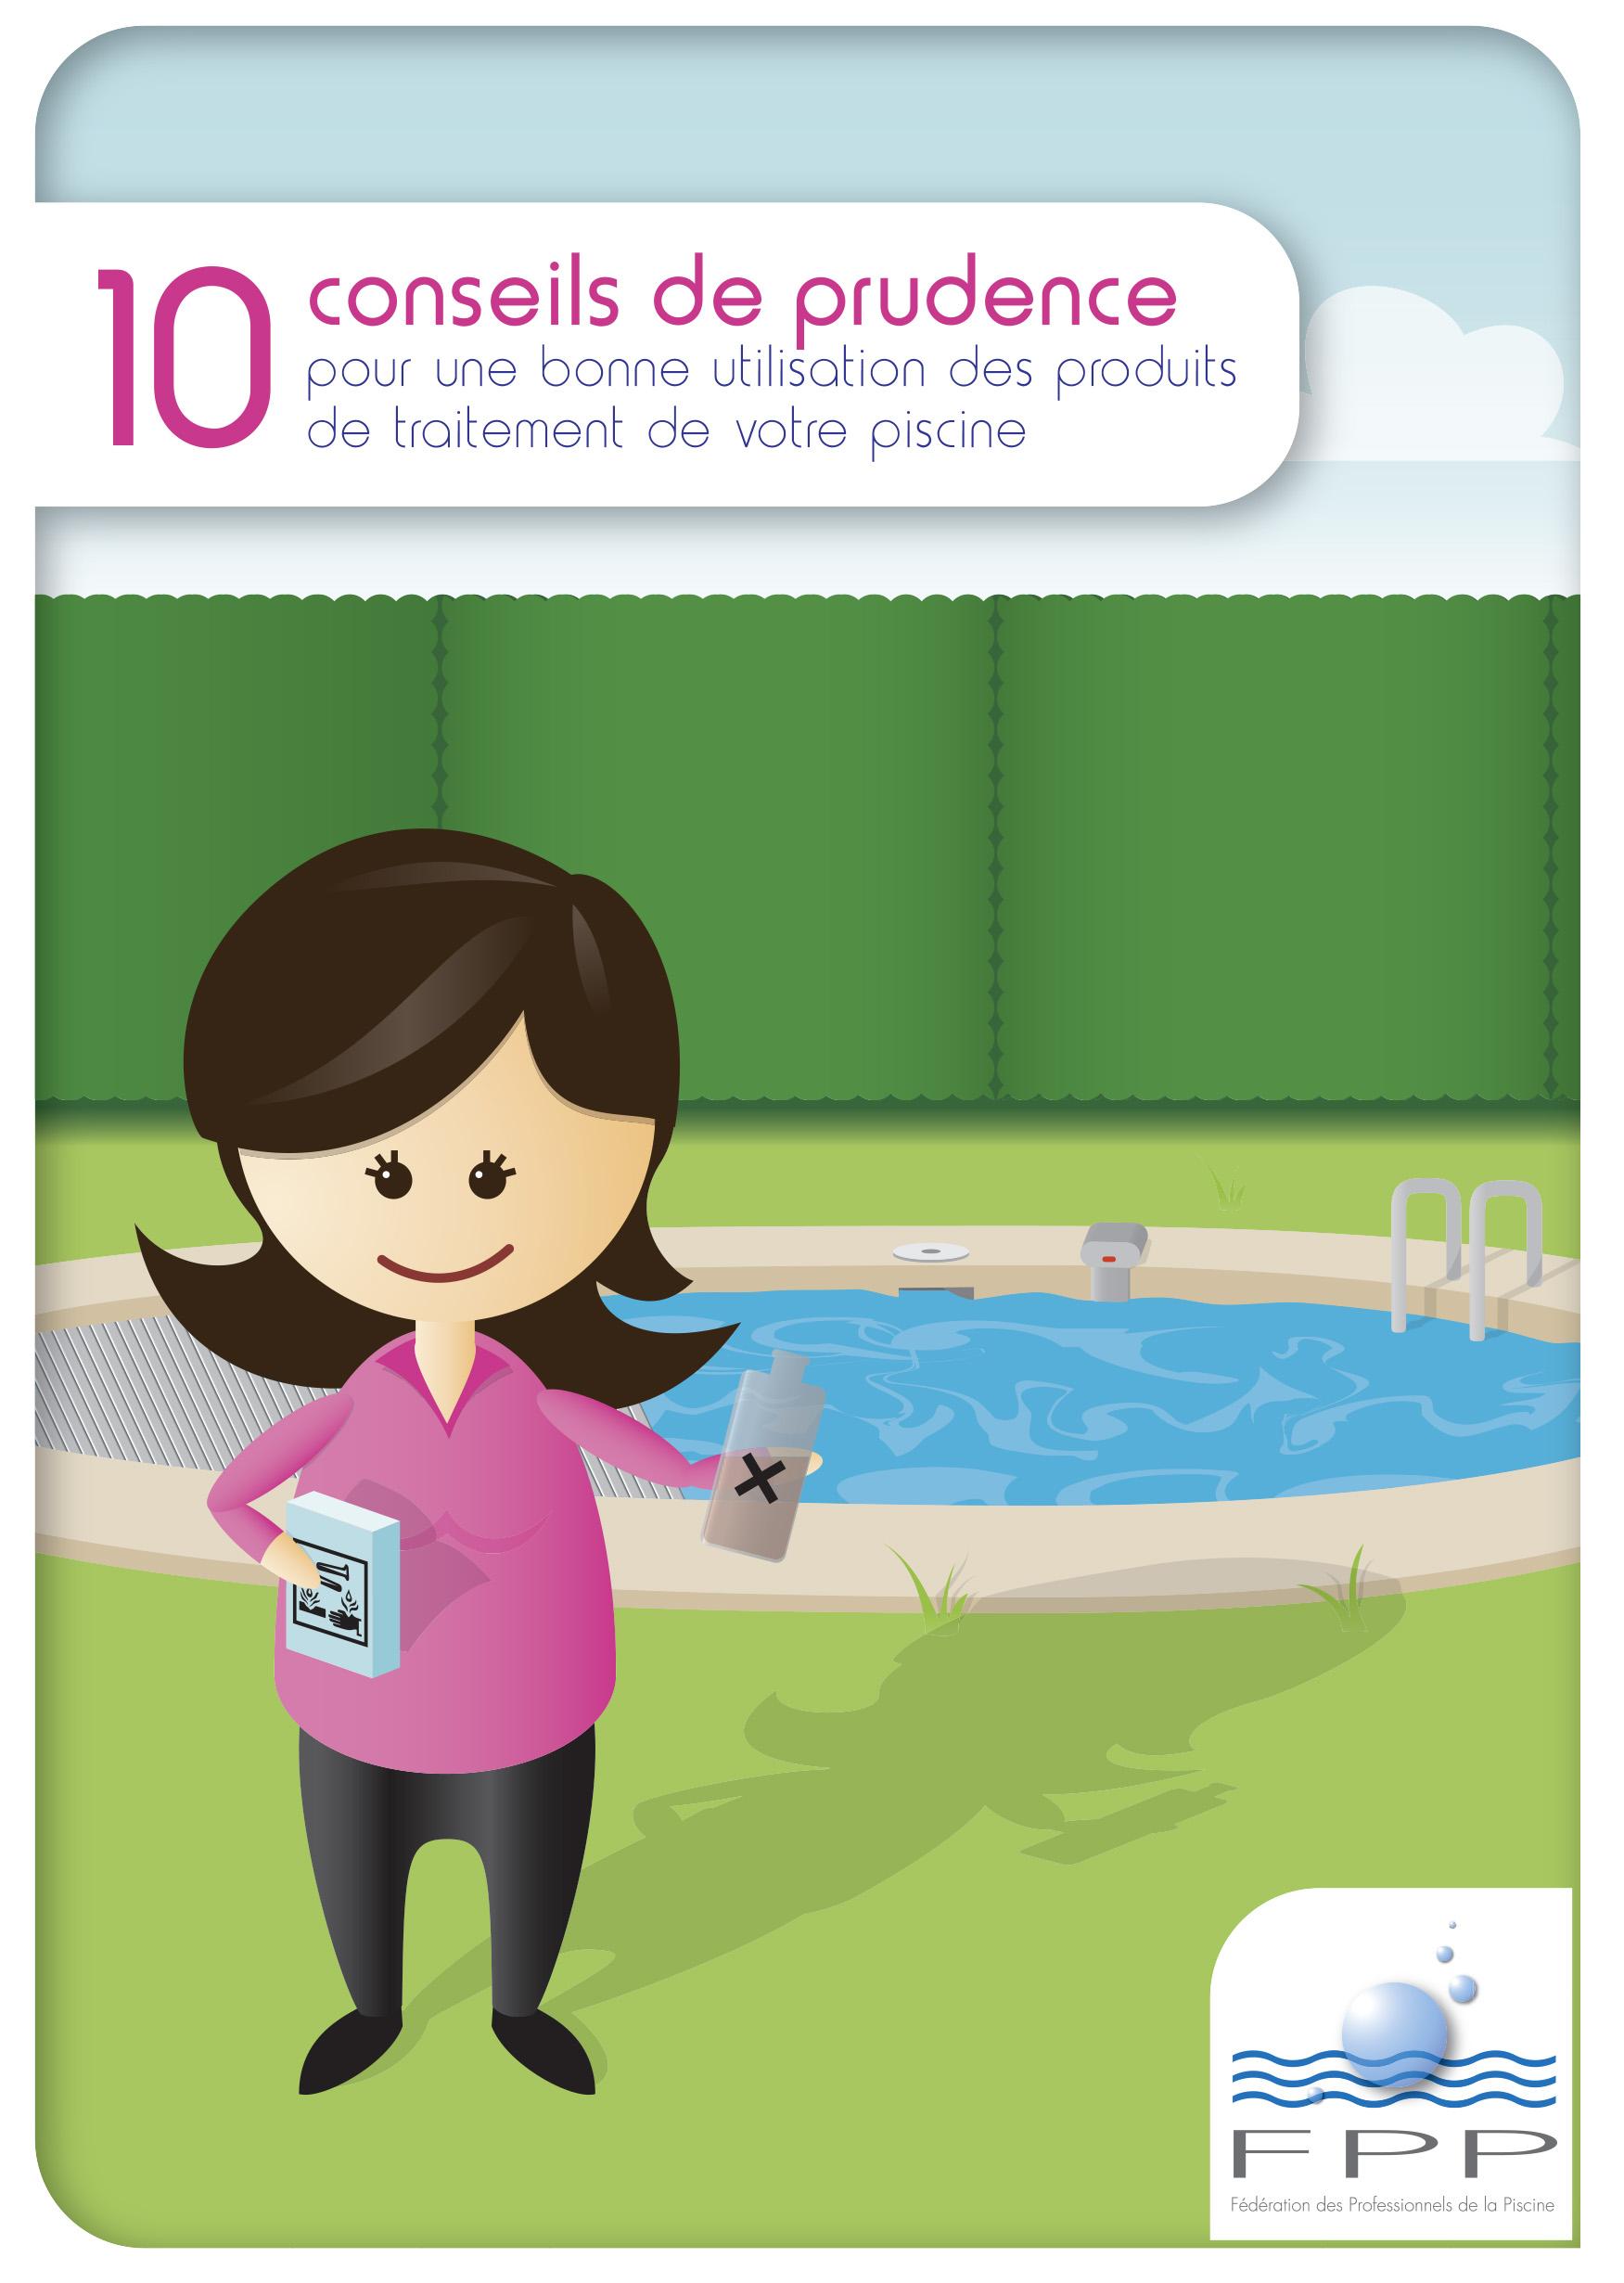 Dessin avec une petit fille devant une piscine servant d'illustration au guide sur la bonne utilisation des produits d'entretien